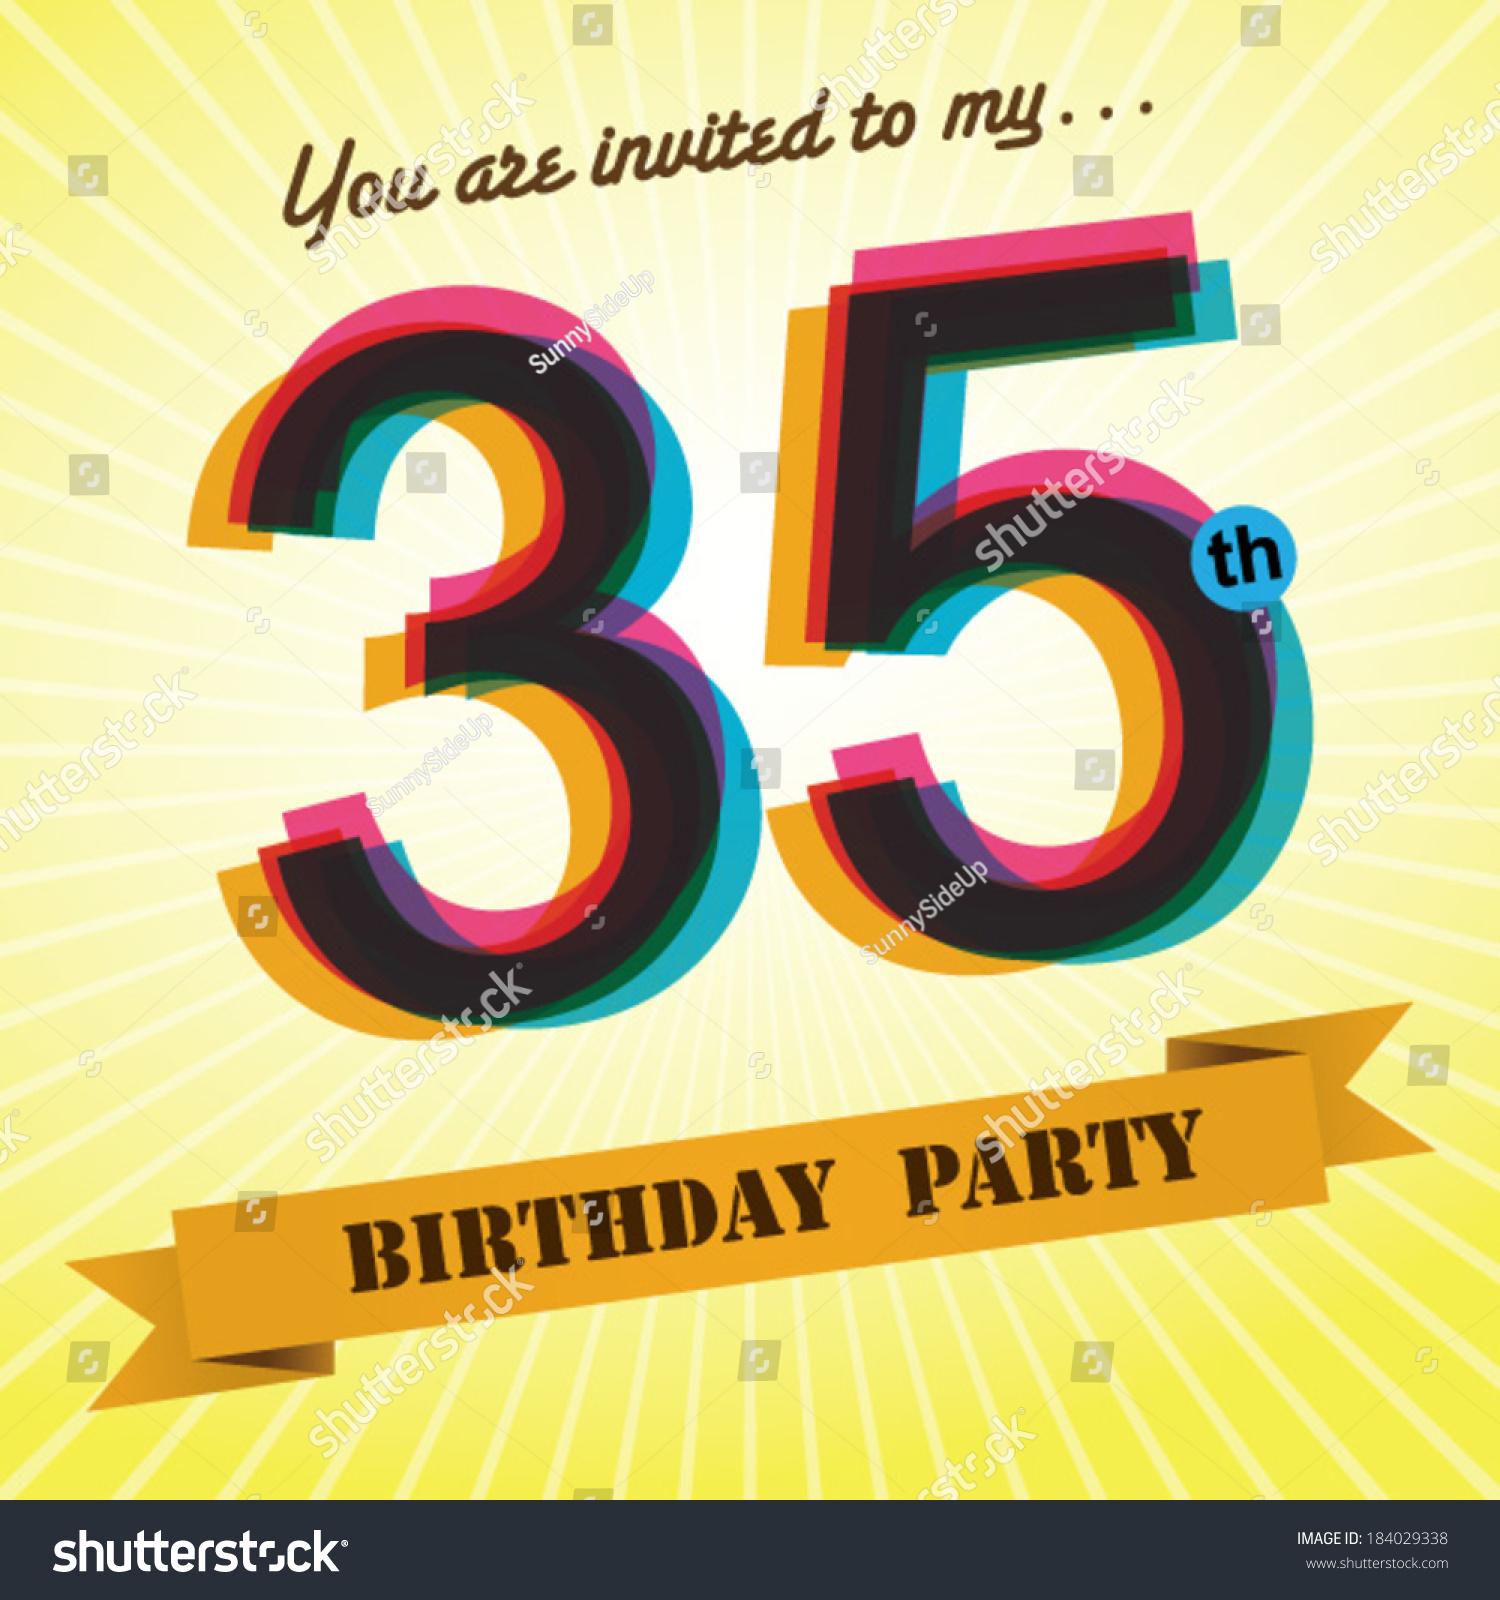 35th Birthday Party Invite Template Design In Retro Style